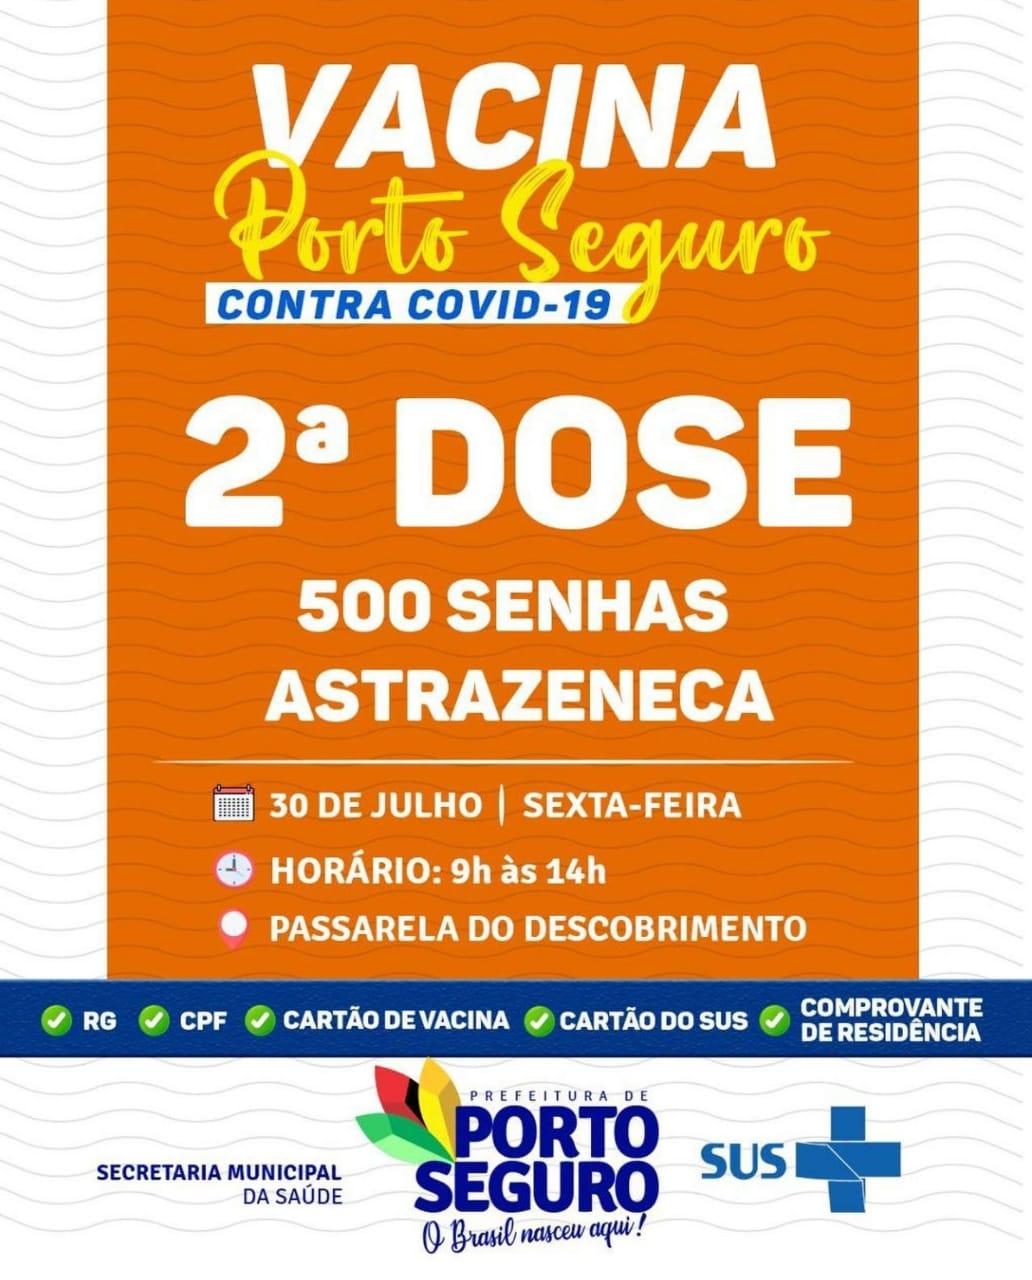 Vacina Porto Seguro contra Covid-19; cronograma de vacinação de 30 a 31 de julho 24